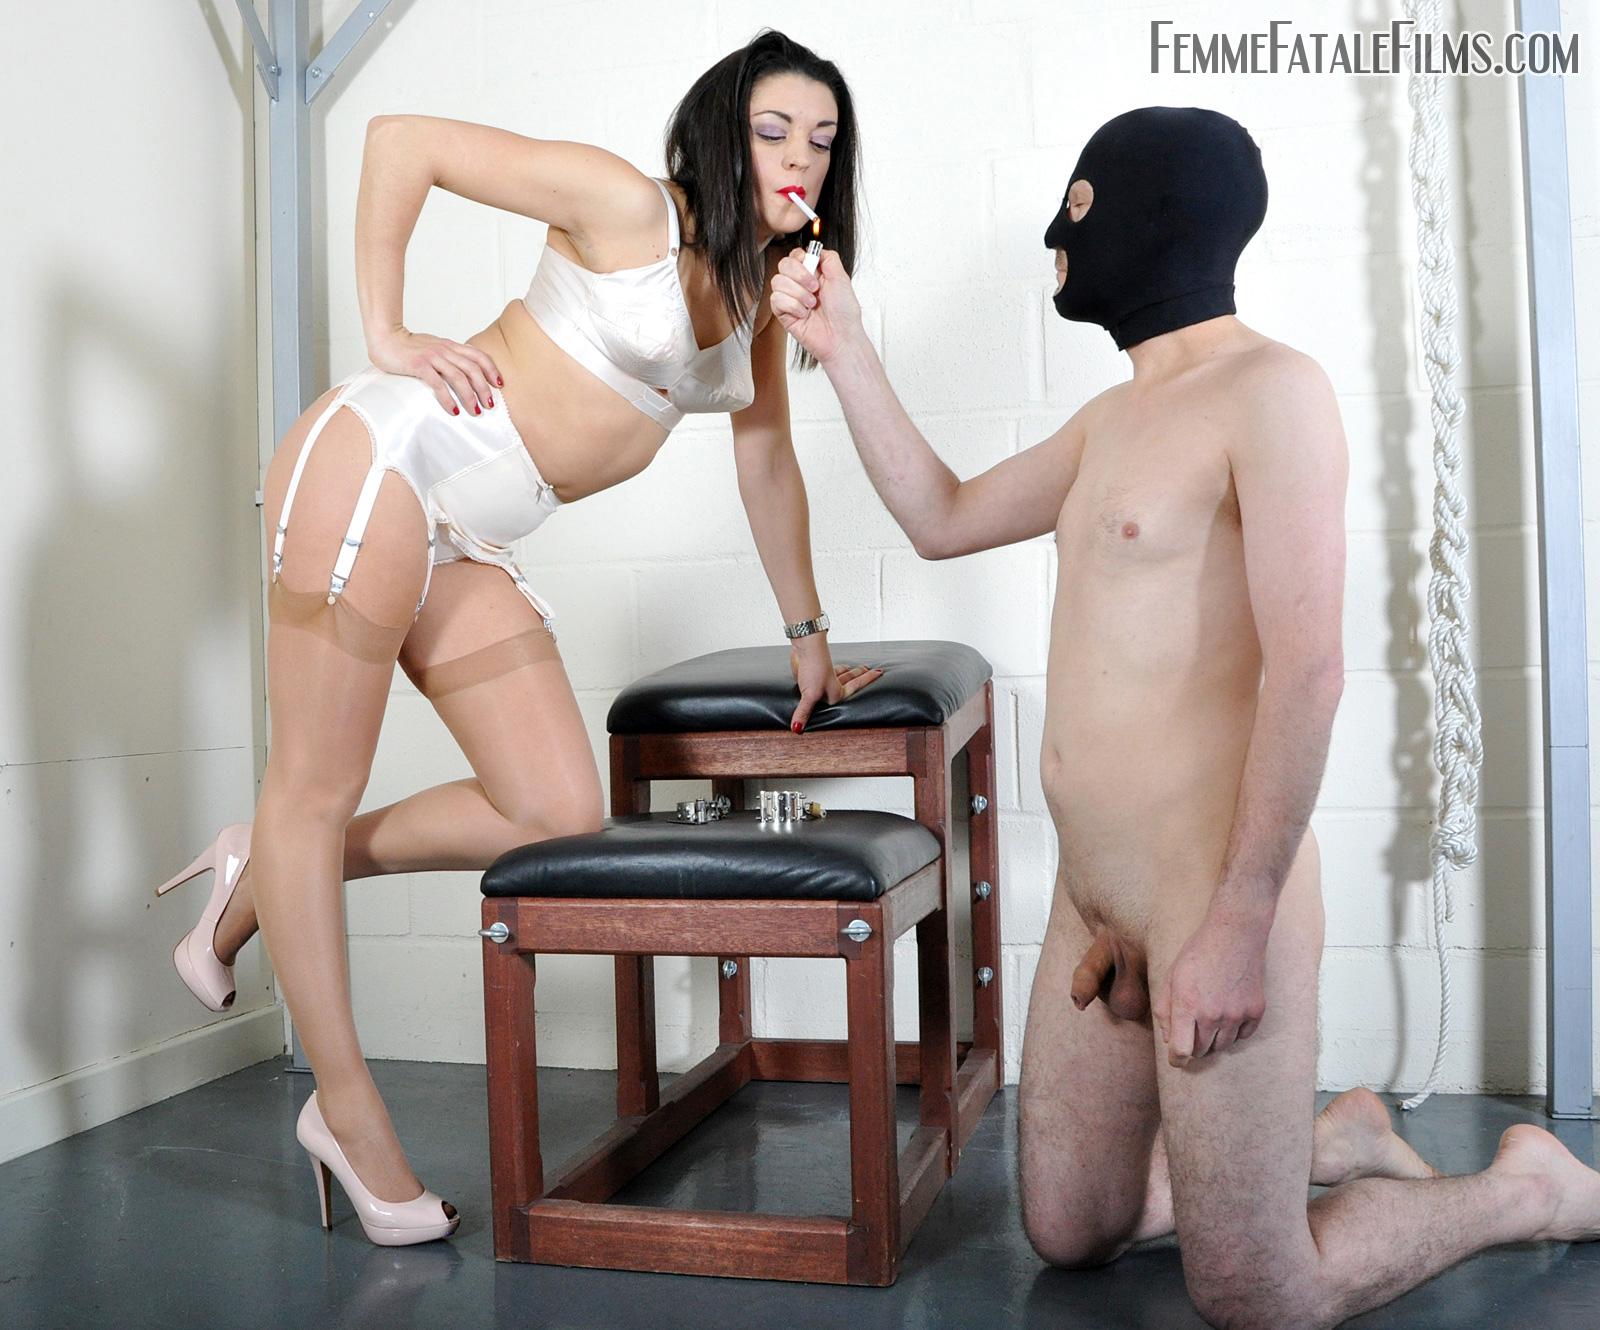 Фемдом анал мастурбация онлайн